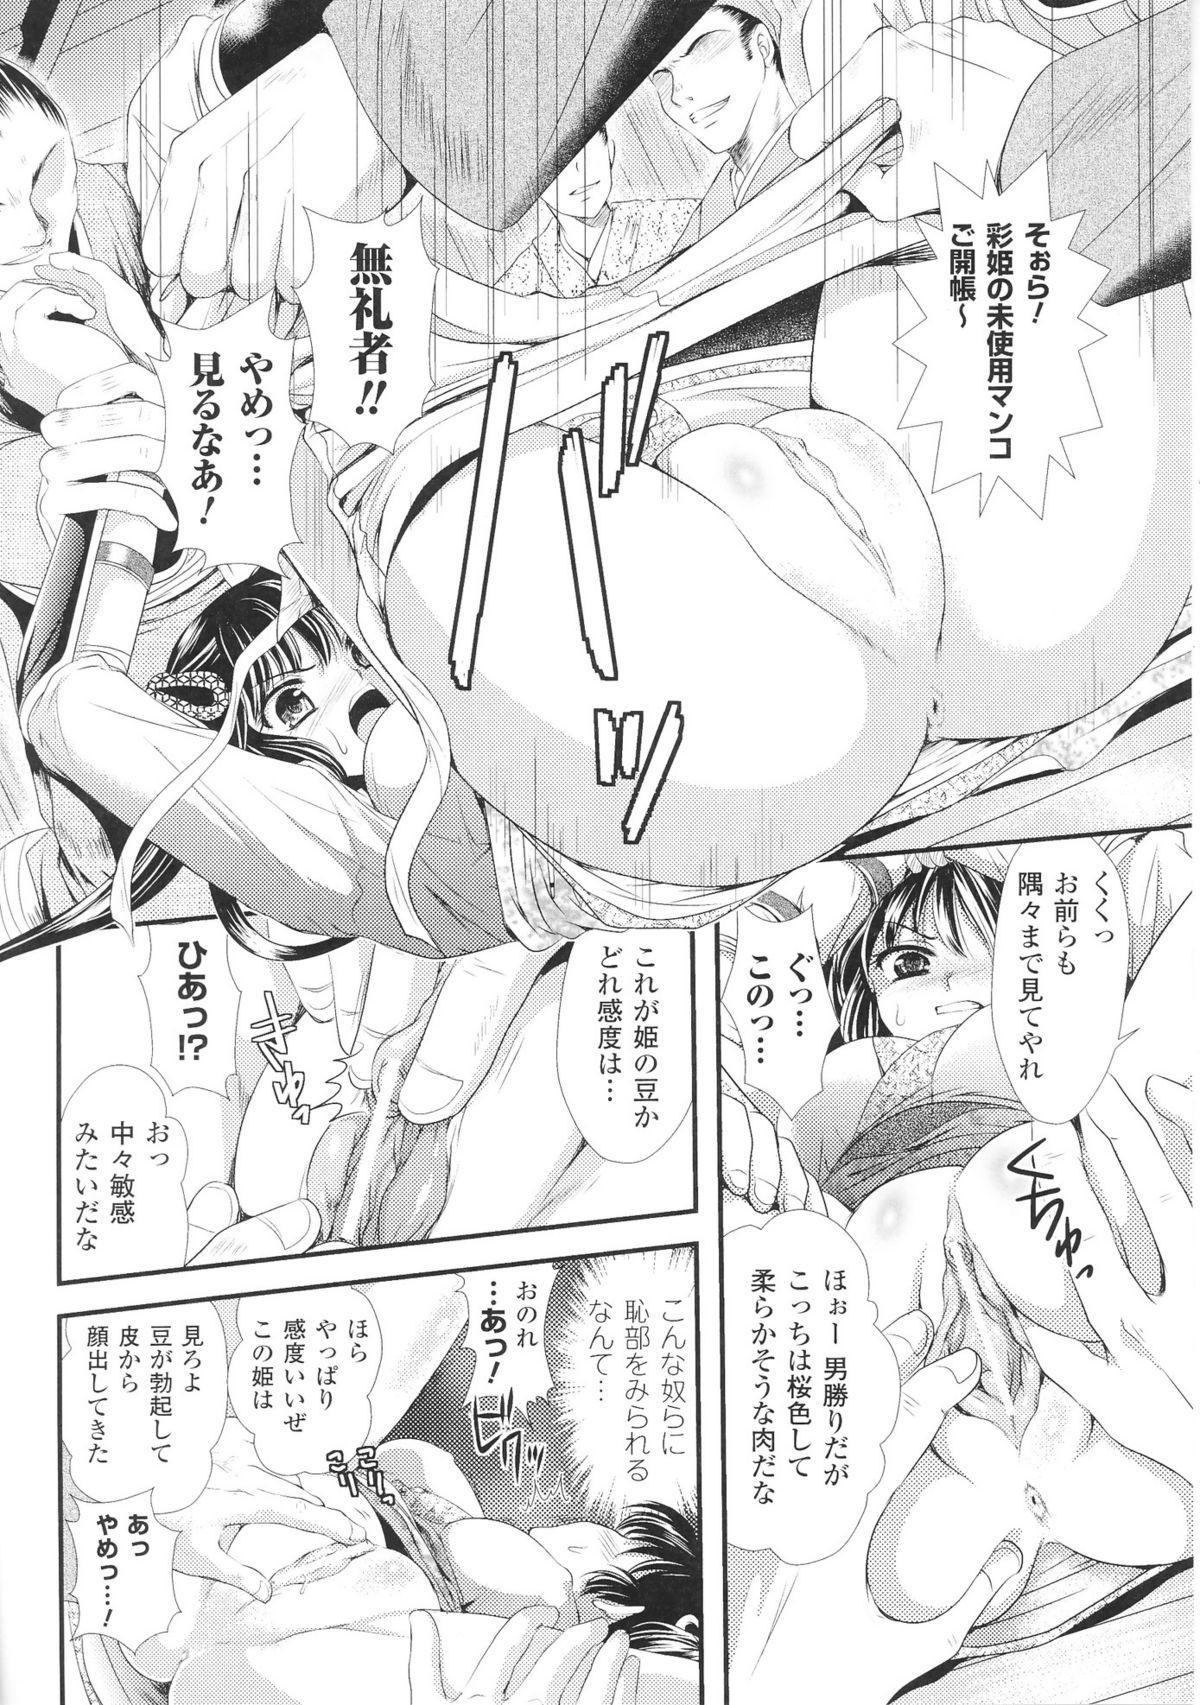 Toushin Engi Vol. 5 55